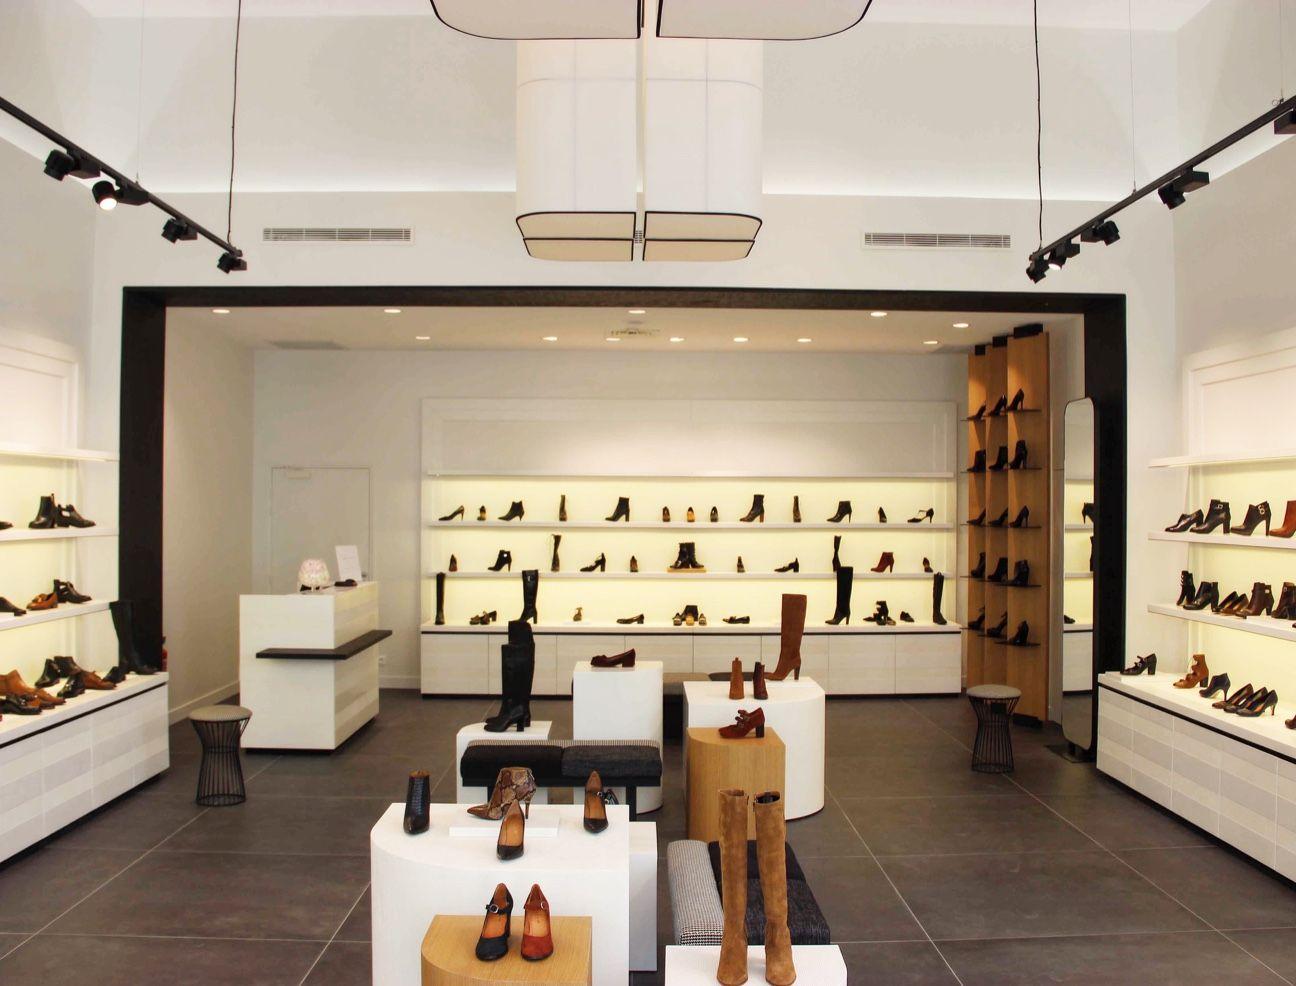 jonak stores nouveau concept jonak pour la boutique du centre jonak stores nouveau concept jonak pour la boutique du centre commercial polygone riviera architecte